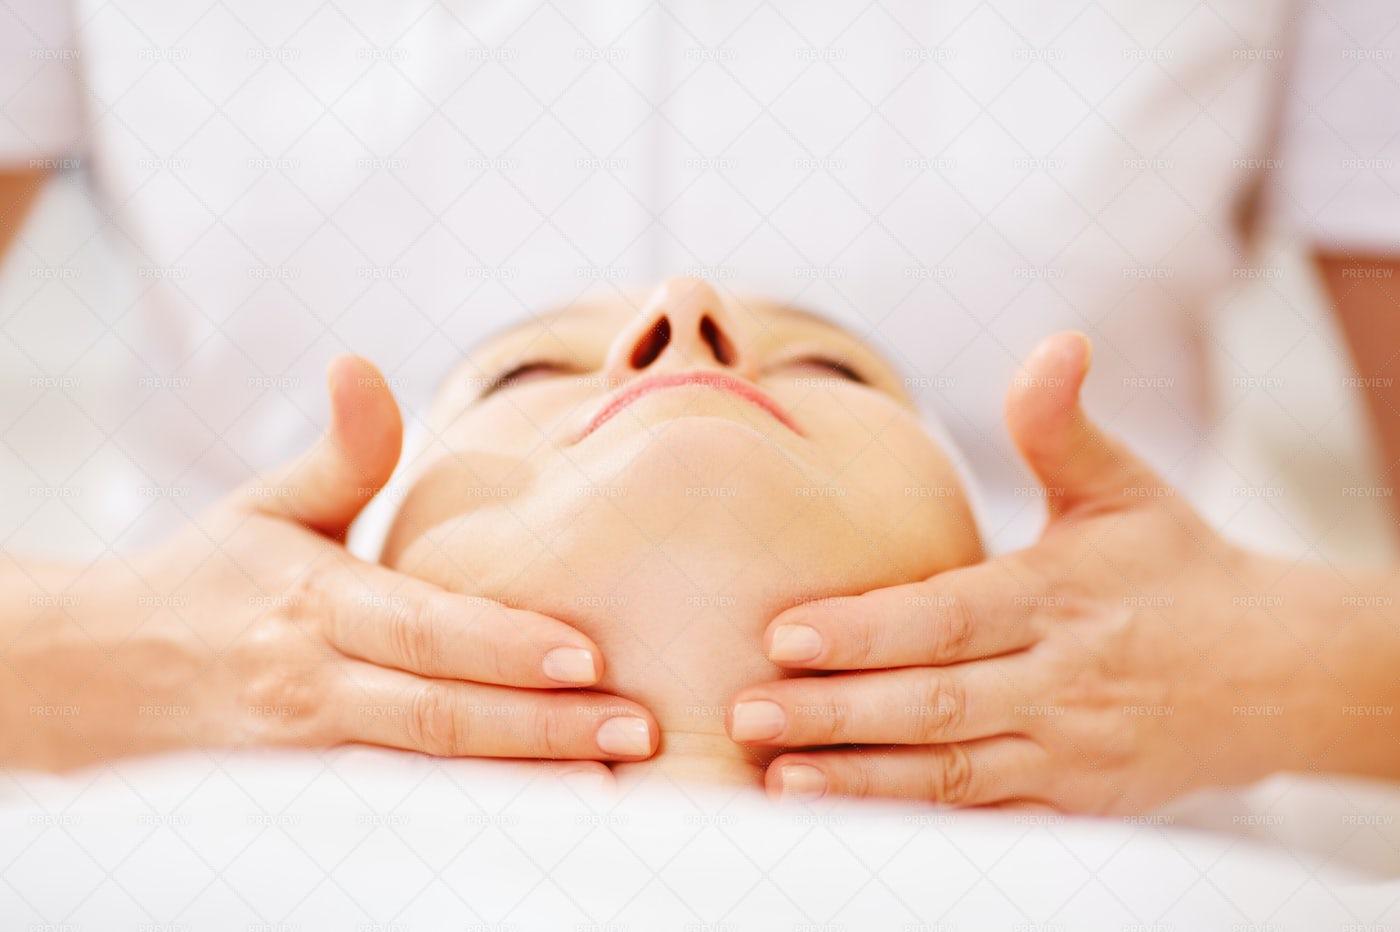 Extensive Facial Massage: Stock Photos